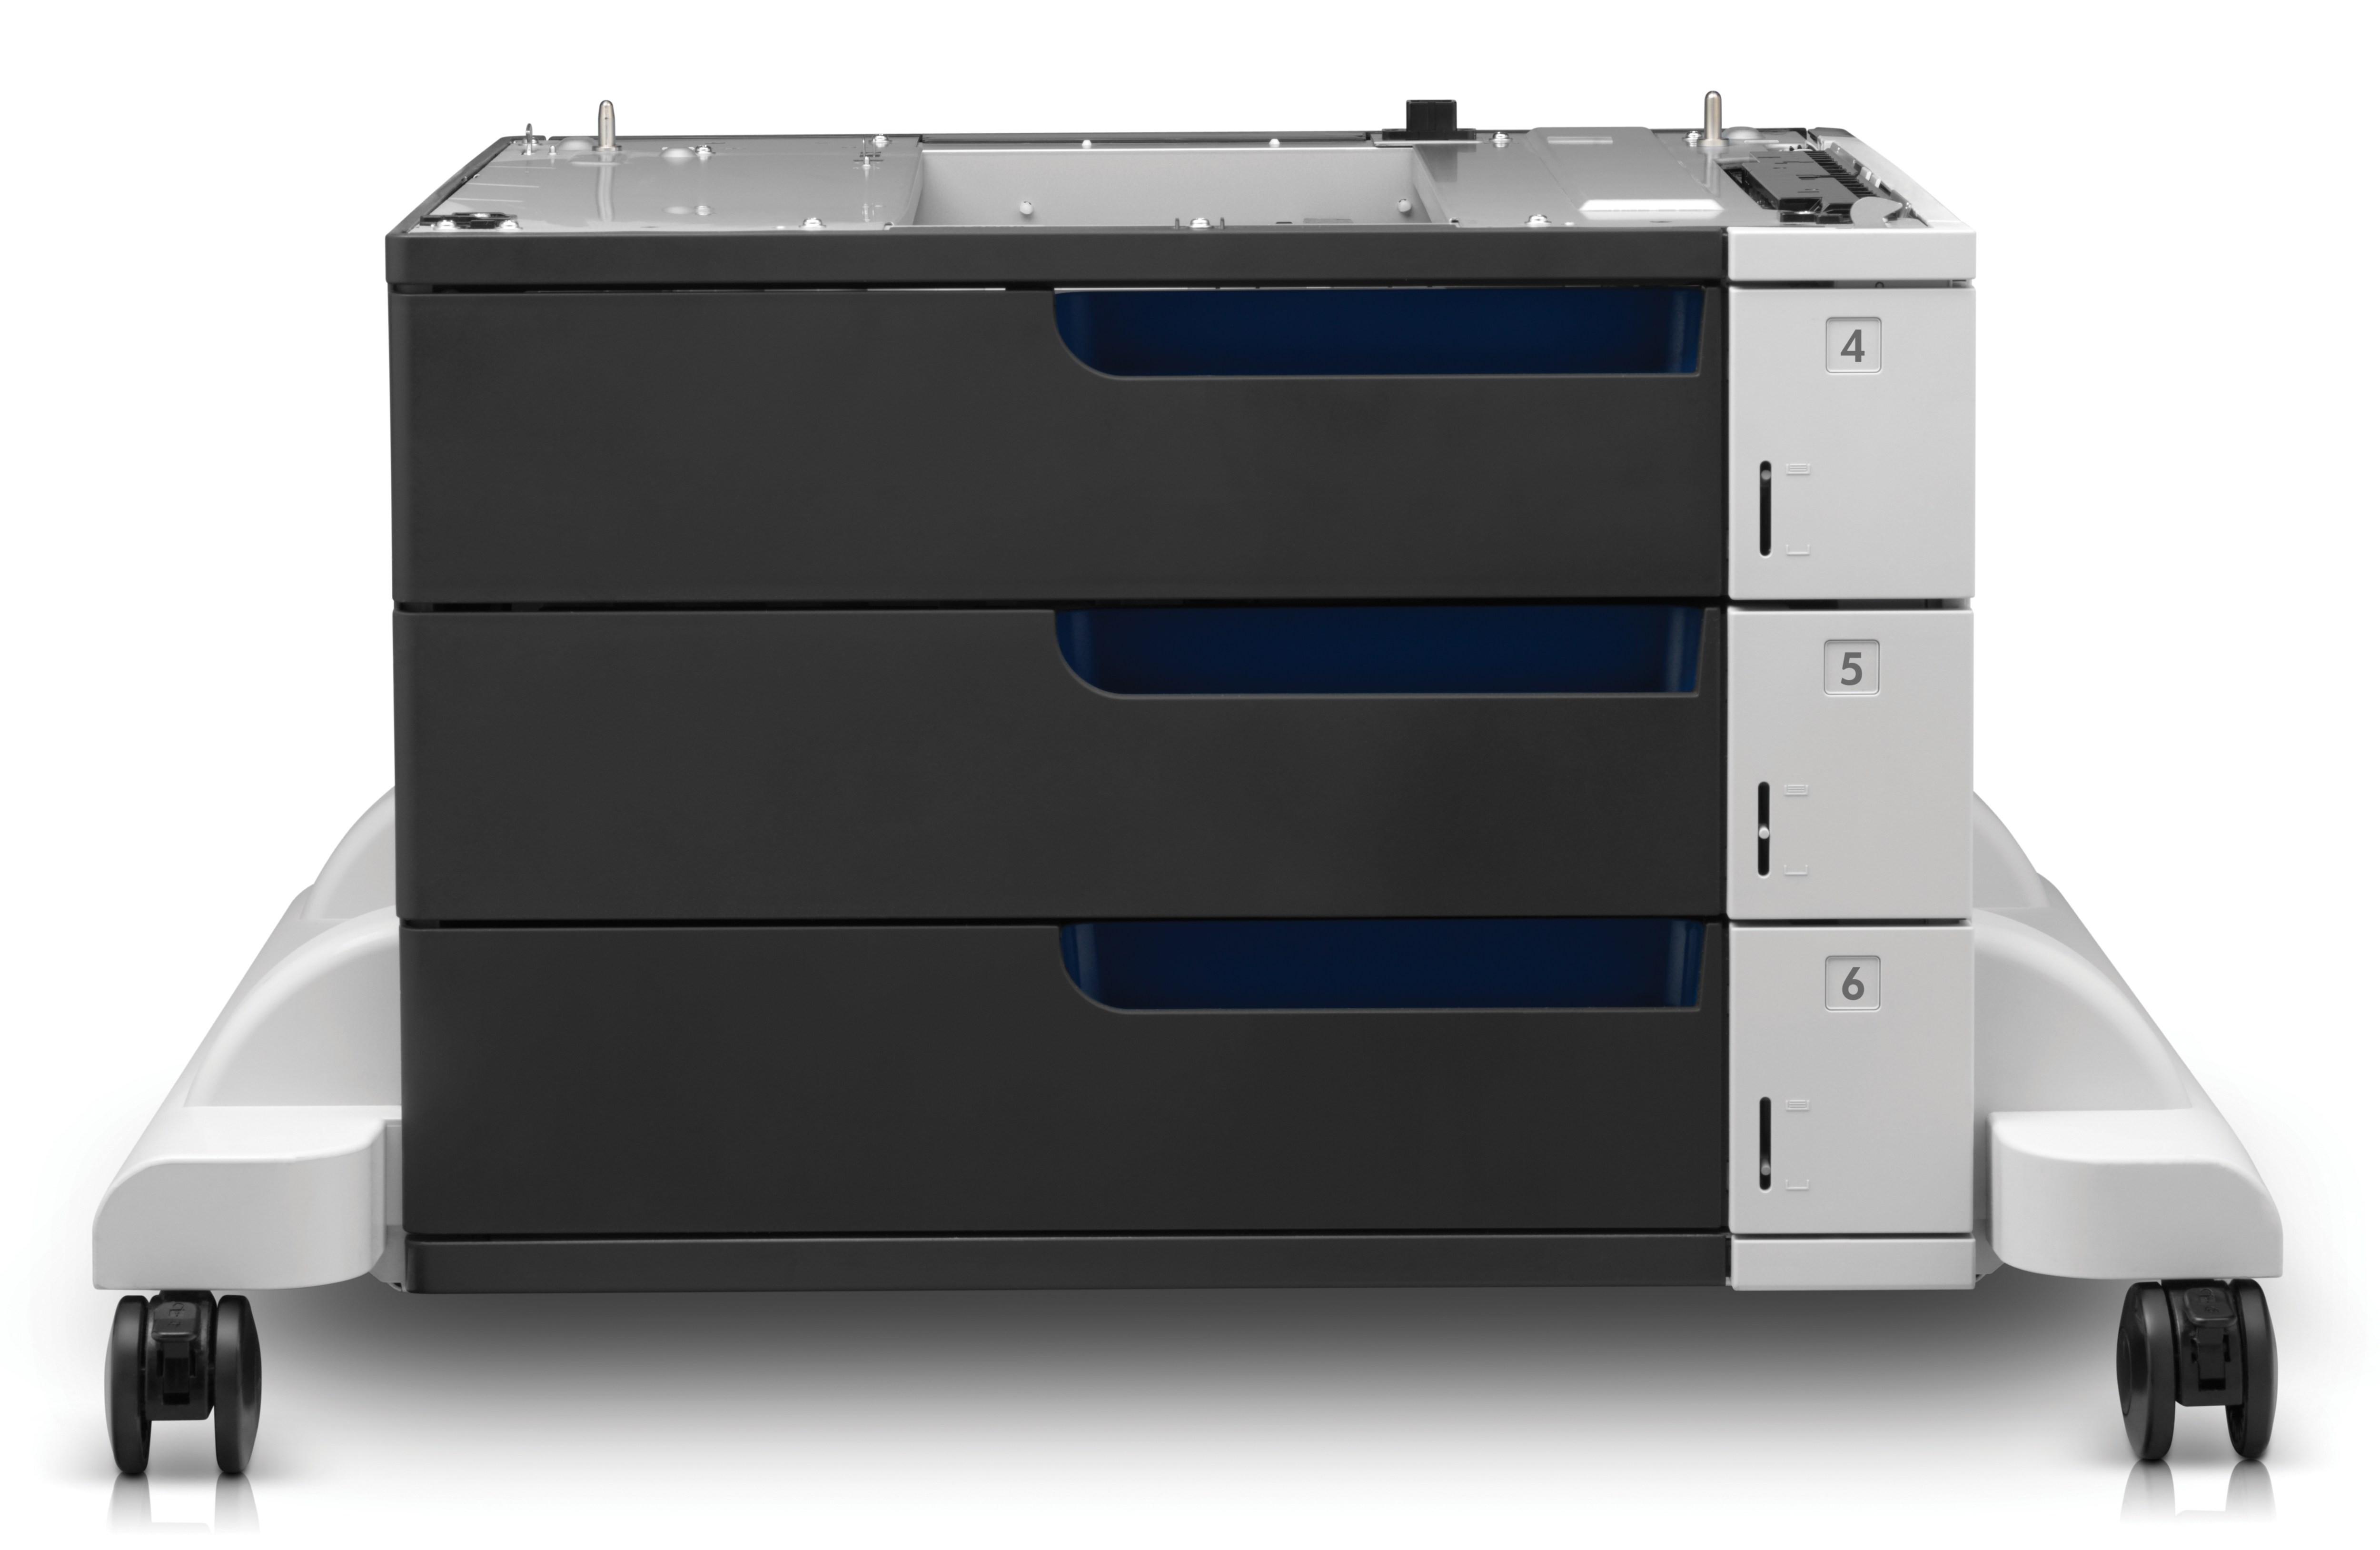 HP 3x500 tálca és állvány LJ M800